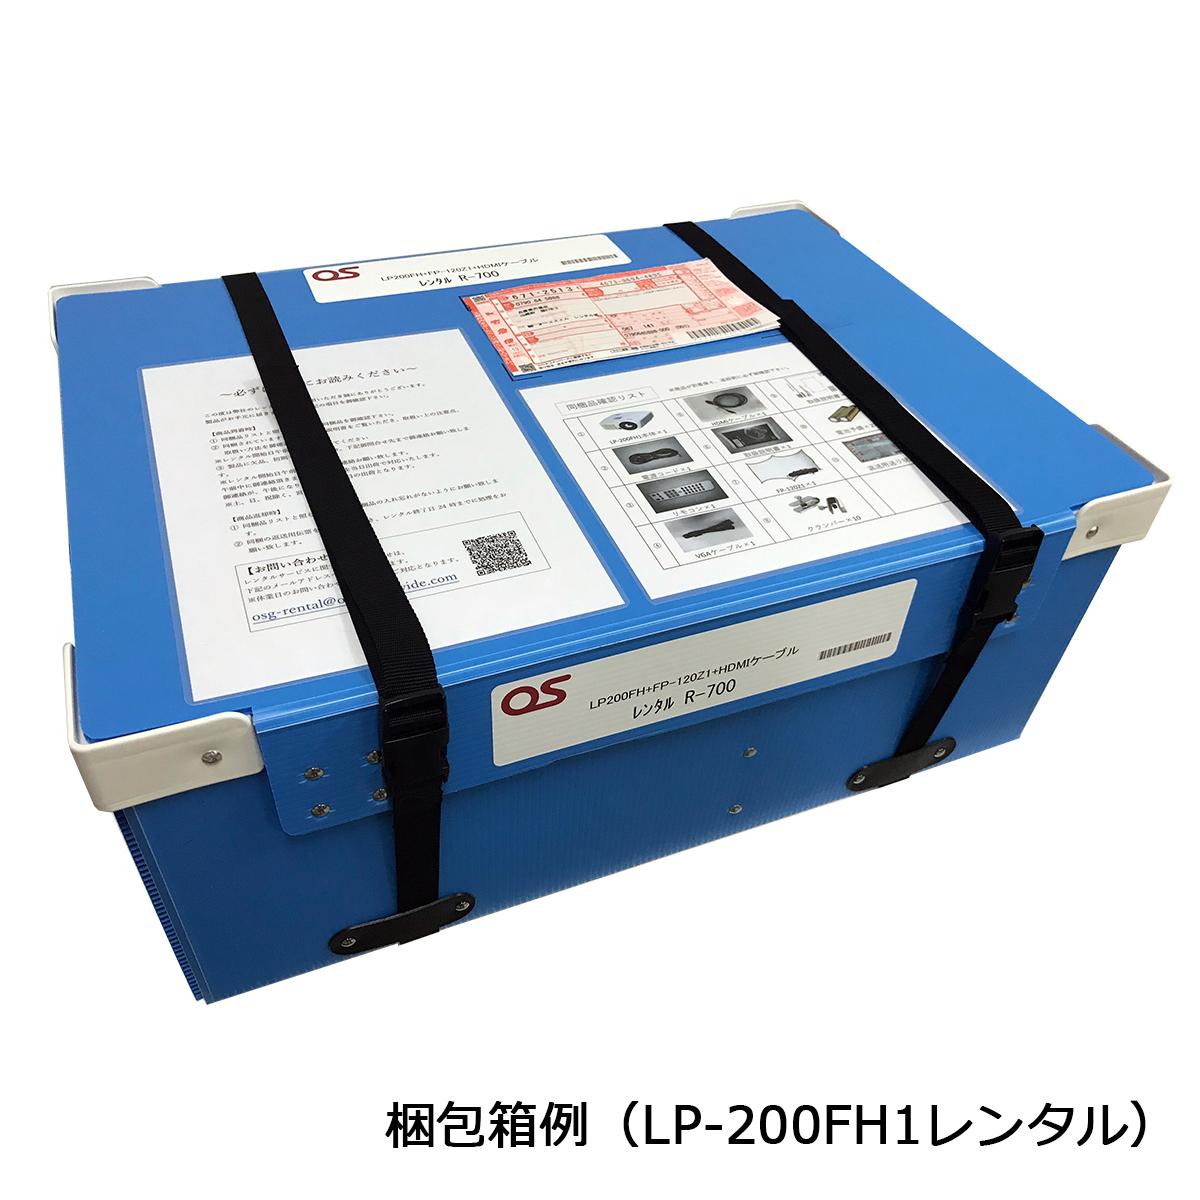 【2泊3日レンタル:16,621円〜】超短焦点 フルHD レーザー DLPプロジェクター Optoma オプトマ ZH400UST(120インチ伸縮スクリーン/HDMIケーブル付)